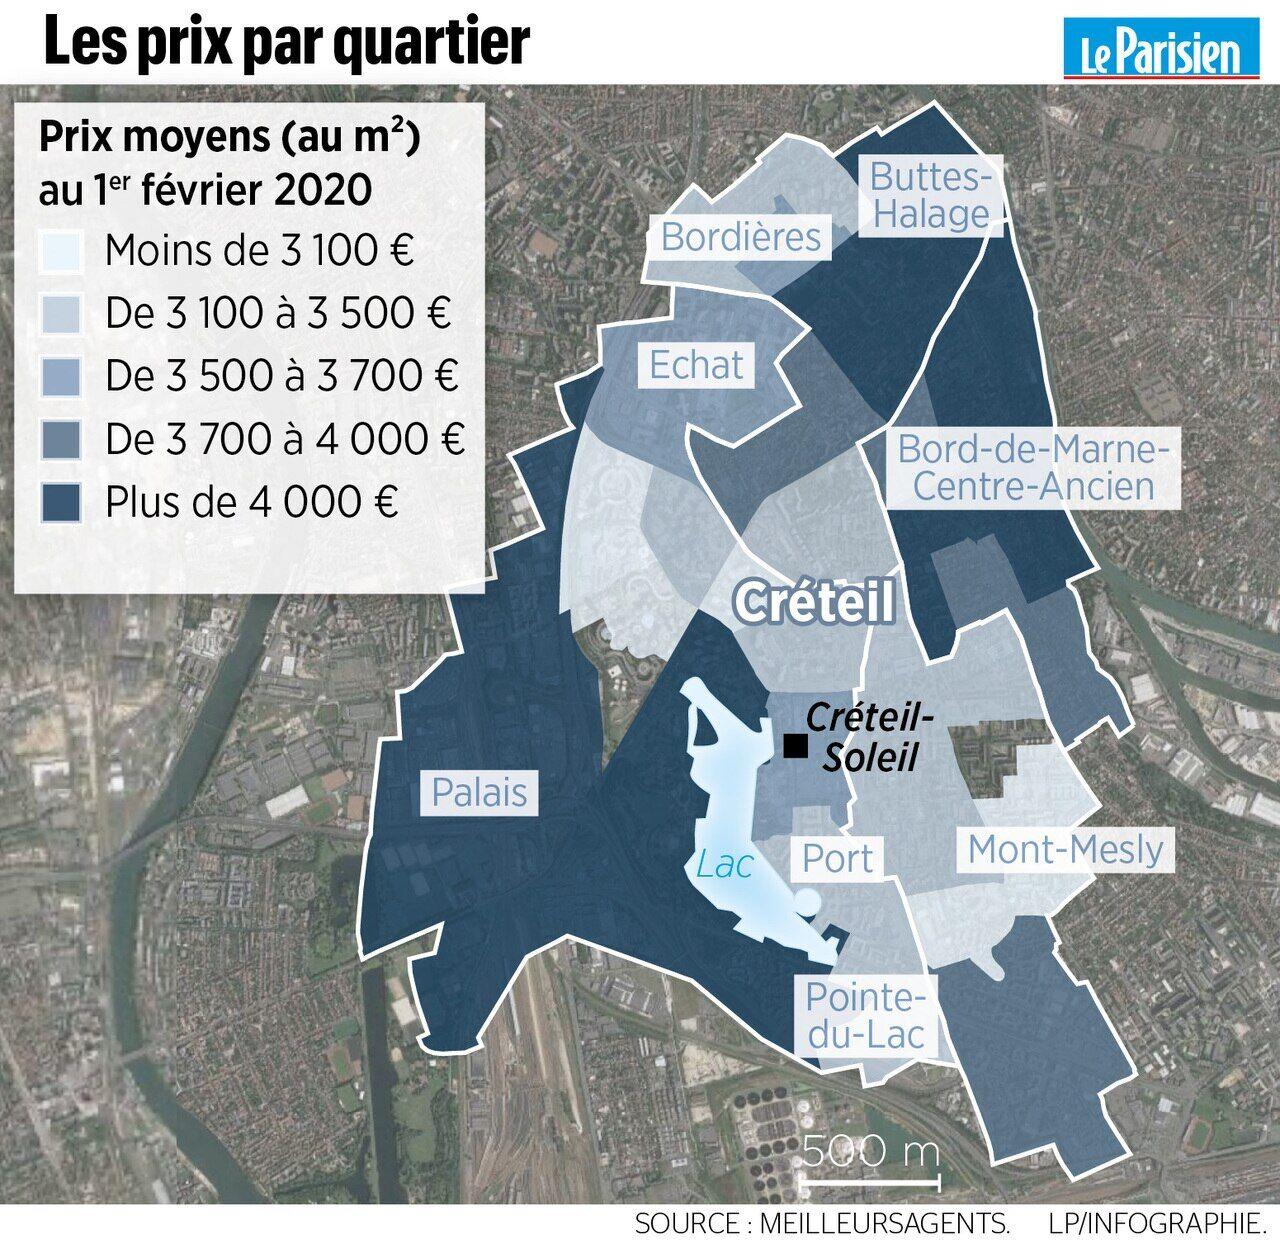 Immobilier Avec Ses Prix Stables Creteil C Est Le Bon Plan Pour Les Acheteurs De Moins De 40 Ans Le Parisien